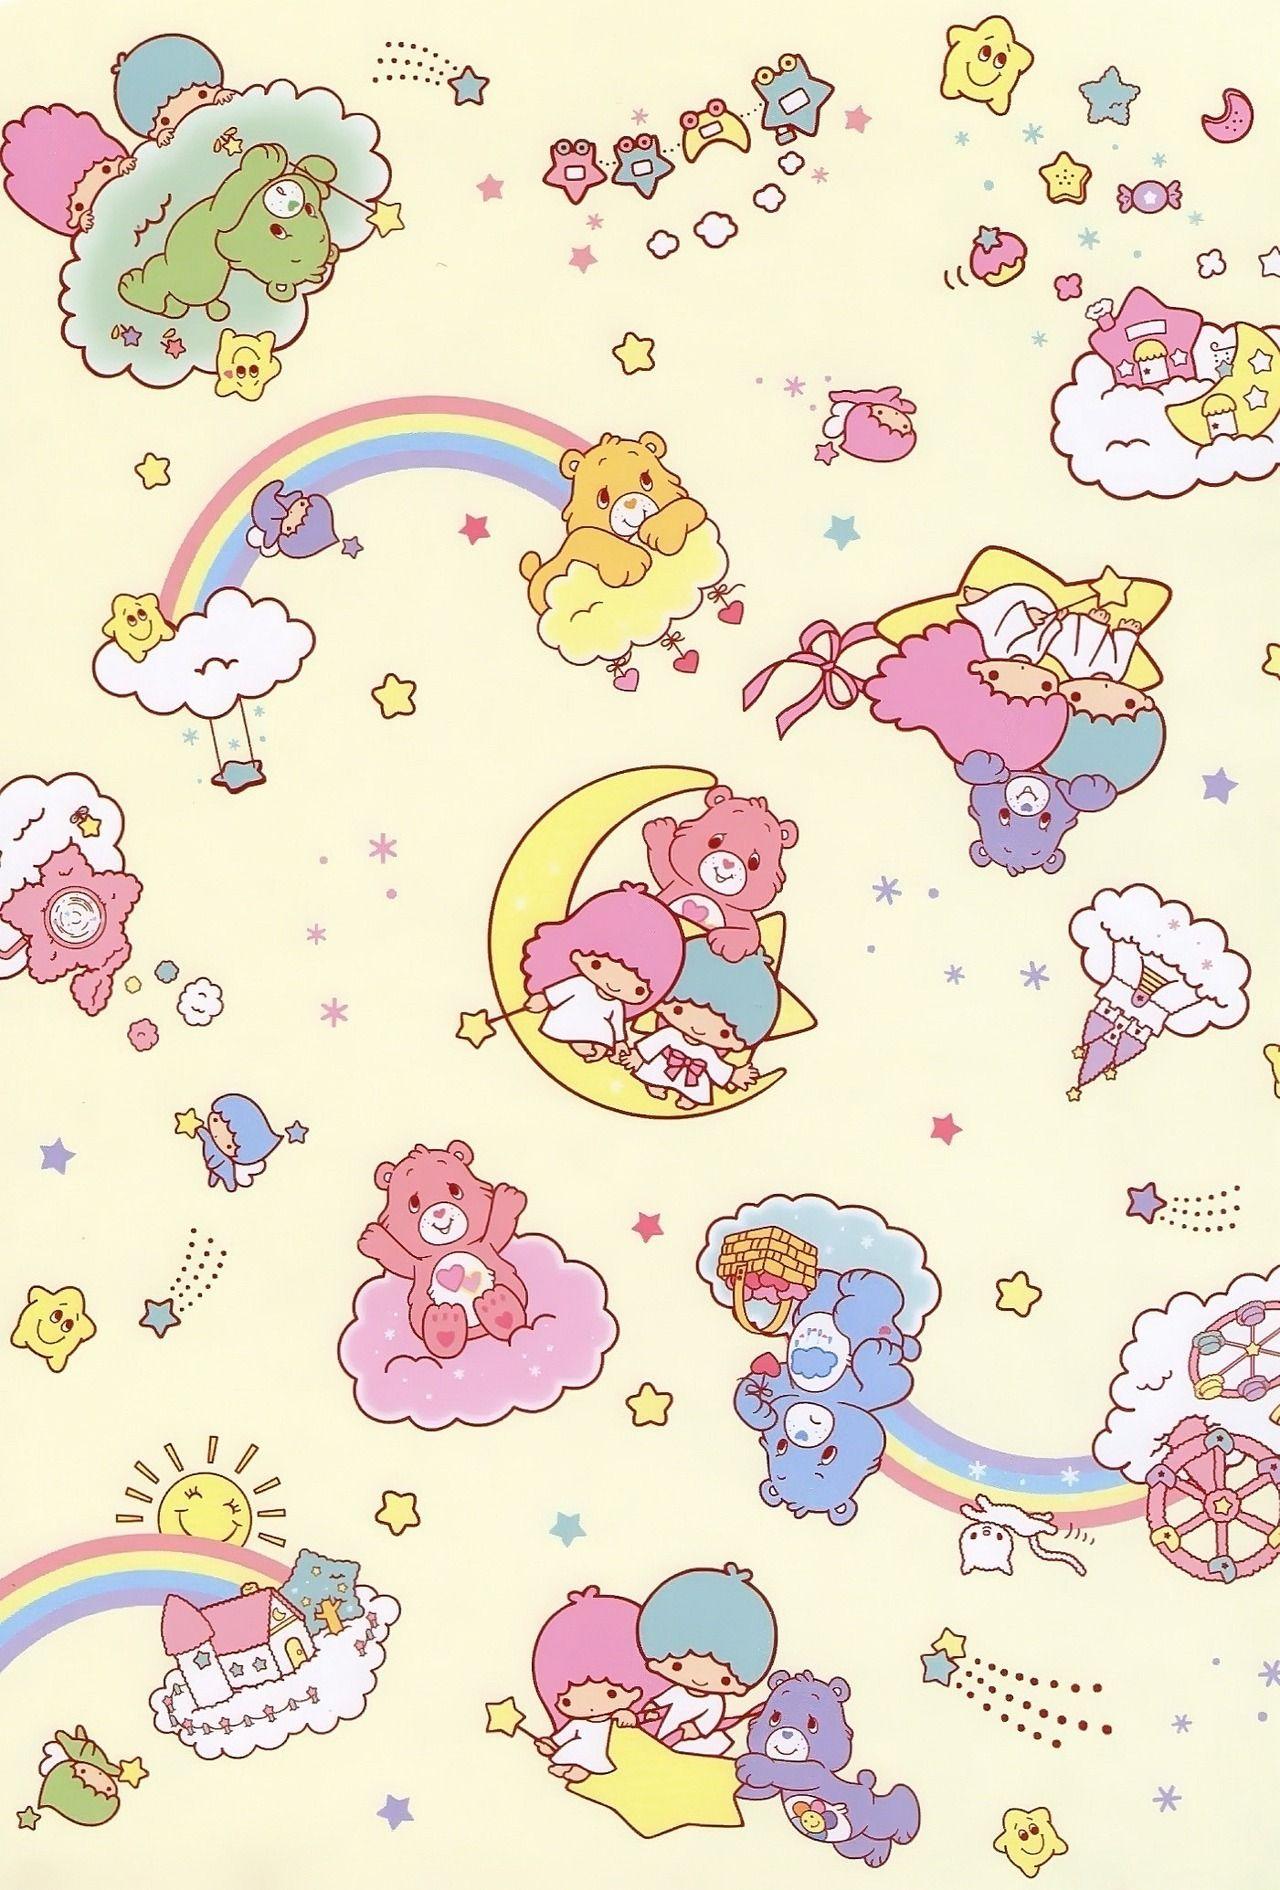 17 Best Images About Cute Wallpaper On Pinterest Kawaii Shop